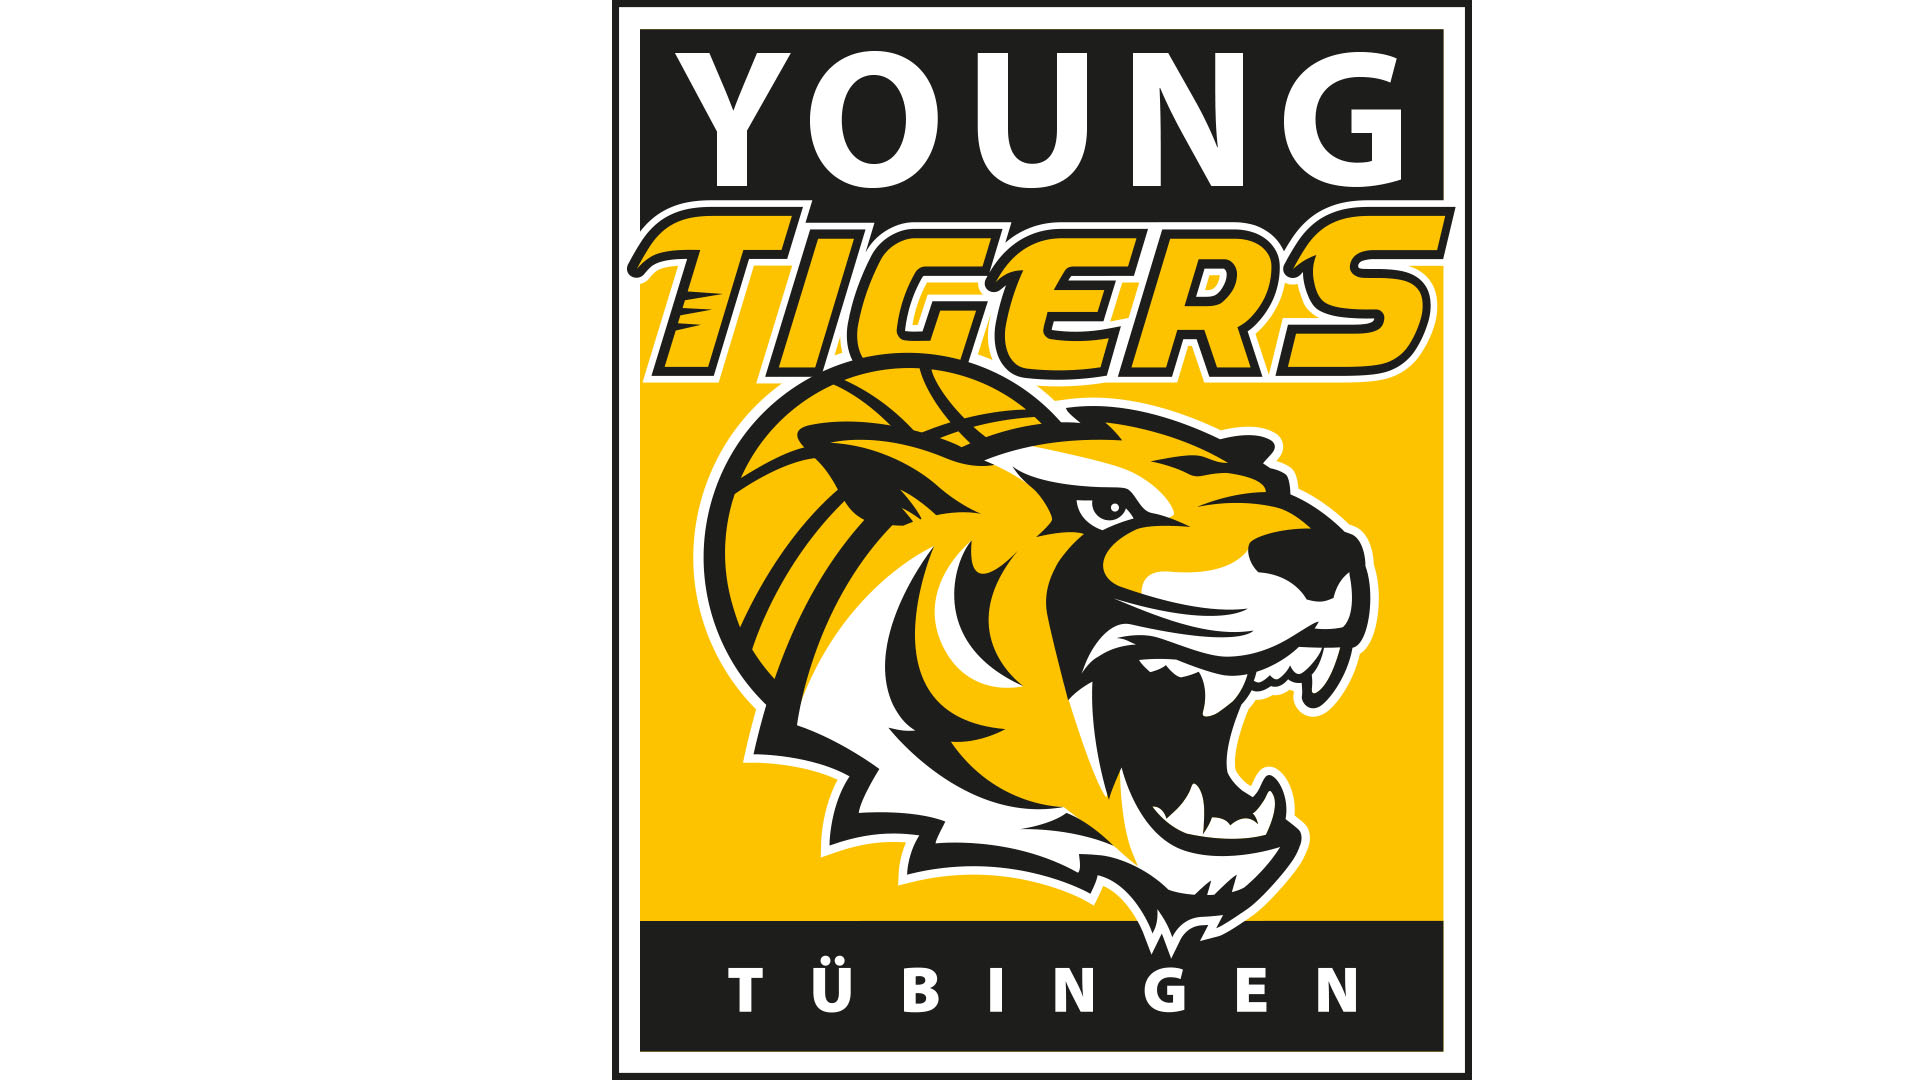 Young-Tigers-Tübingen